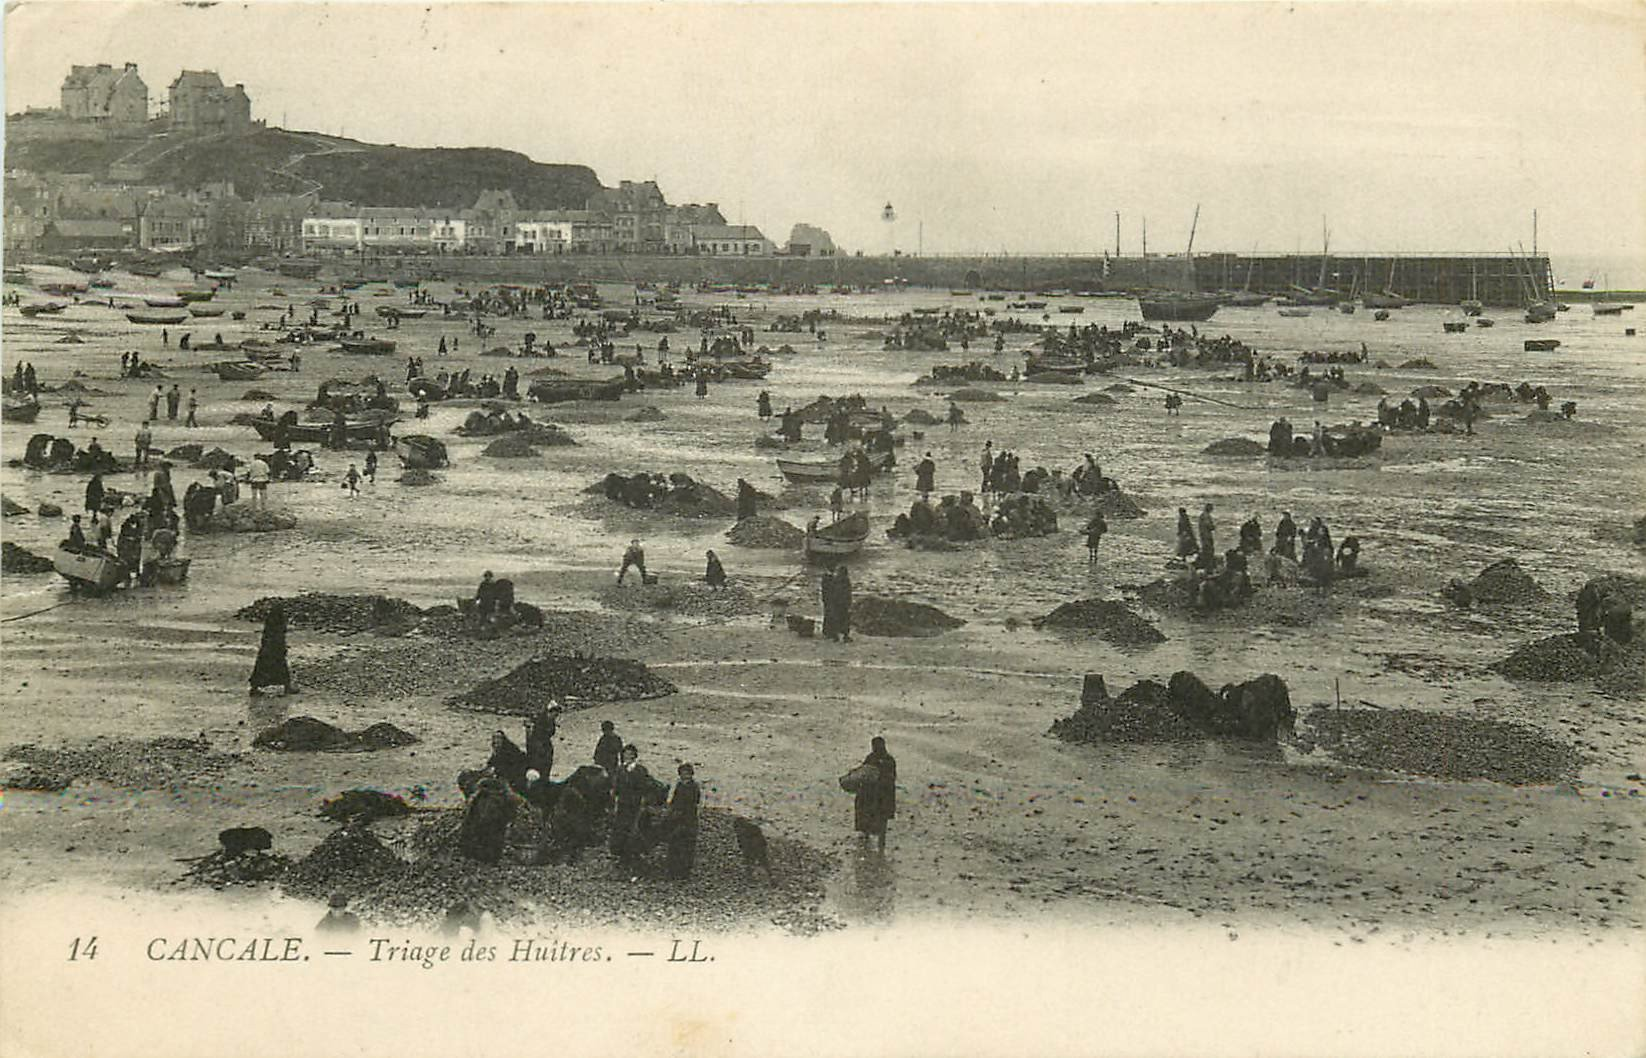 35 CANCALE. Triage des Huîtres. Métiers de la Mer 1910